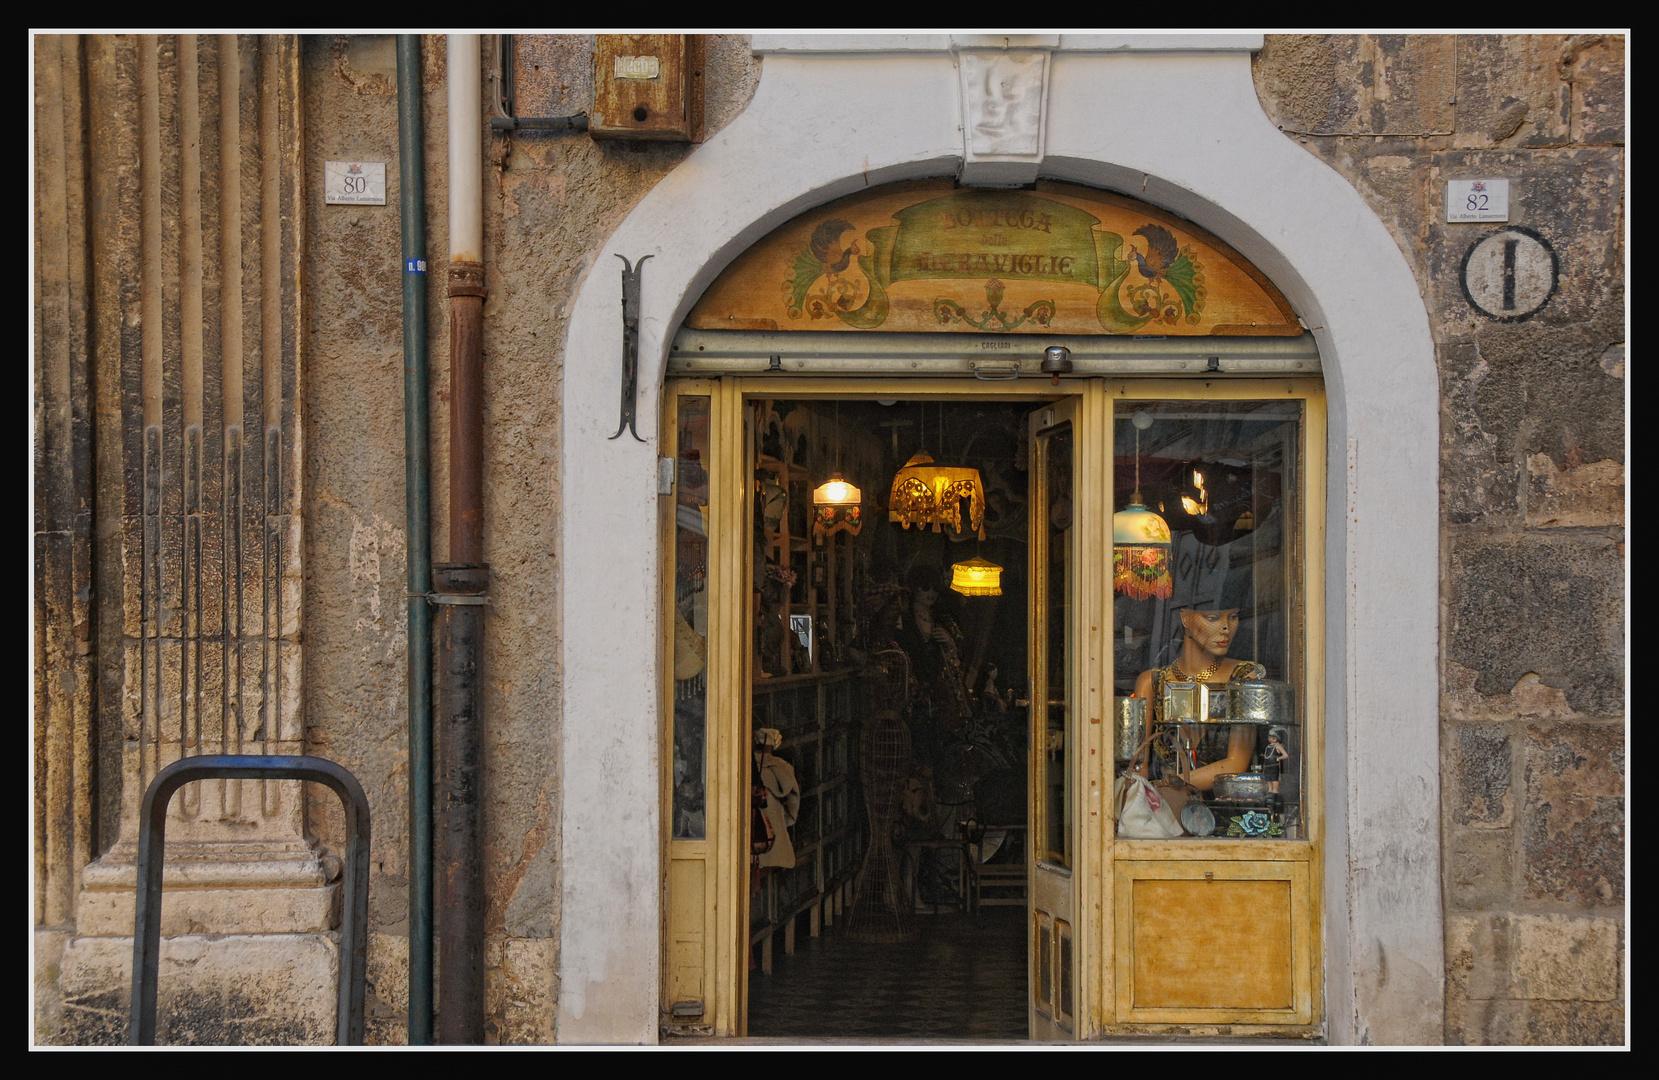 Cagliari - 'Bottega delle Meraviglie'